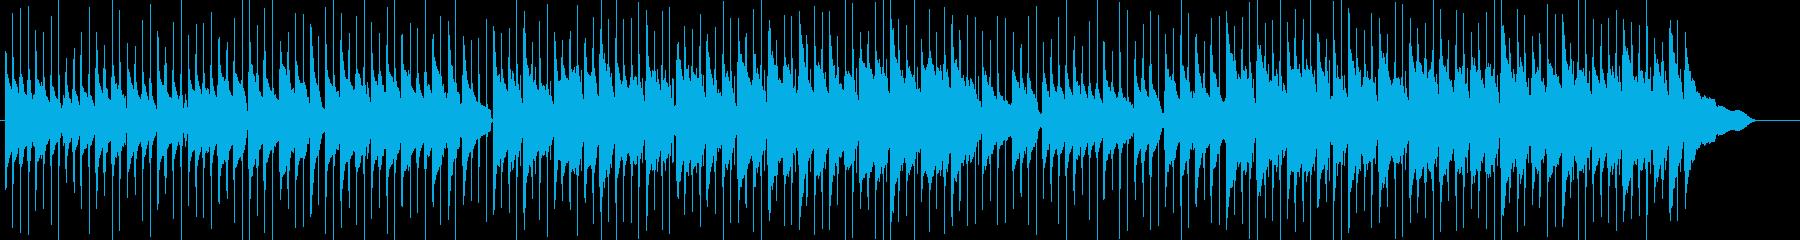 鉄琴が印象的でかわいいスローなポップの再生済みの波形